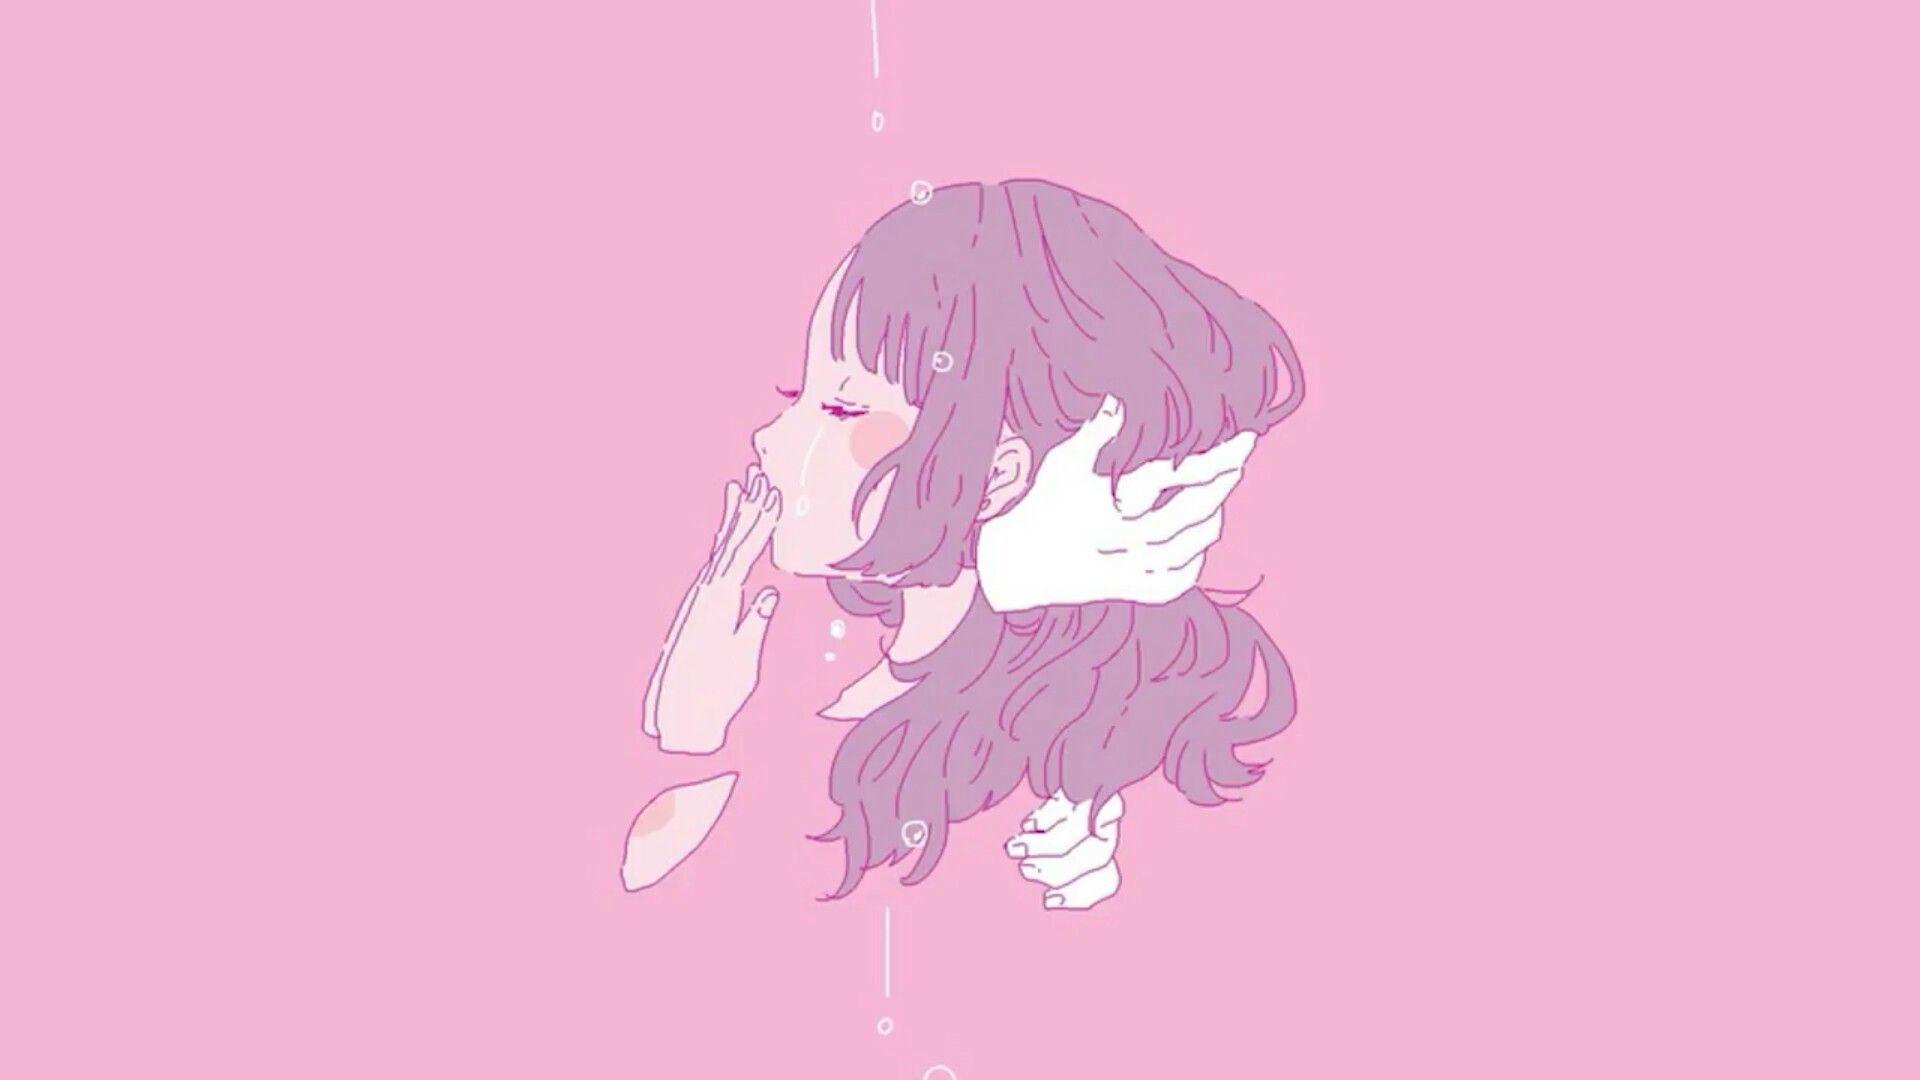 Pin By Kite On Aesthetic Aesthetic Anime Aesthetic Desktop Wallpaper Pastel Pink Aesthetic